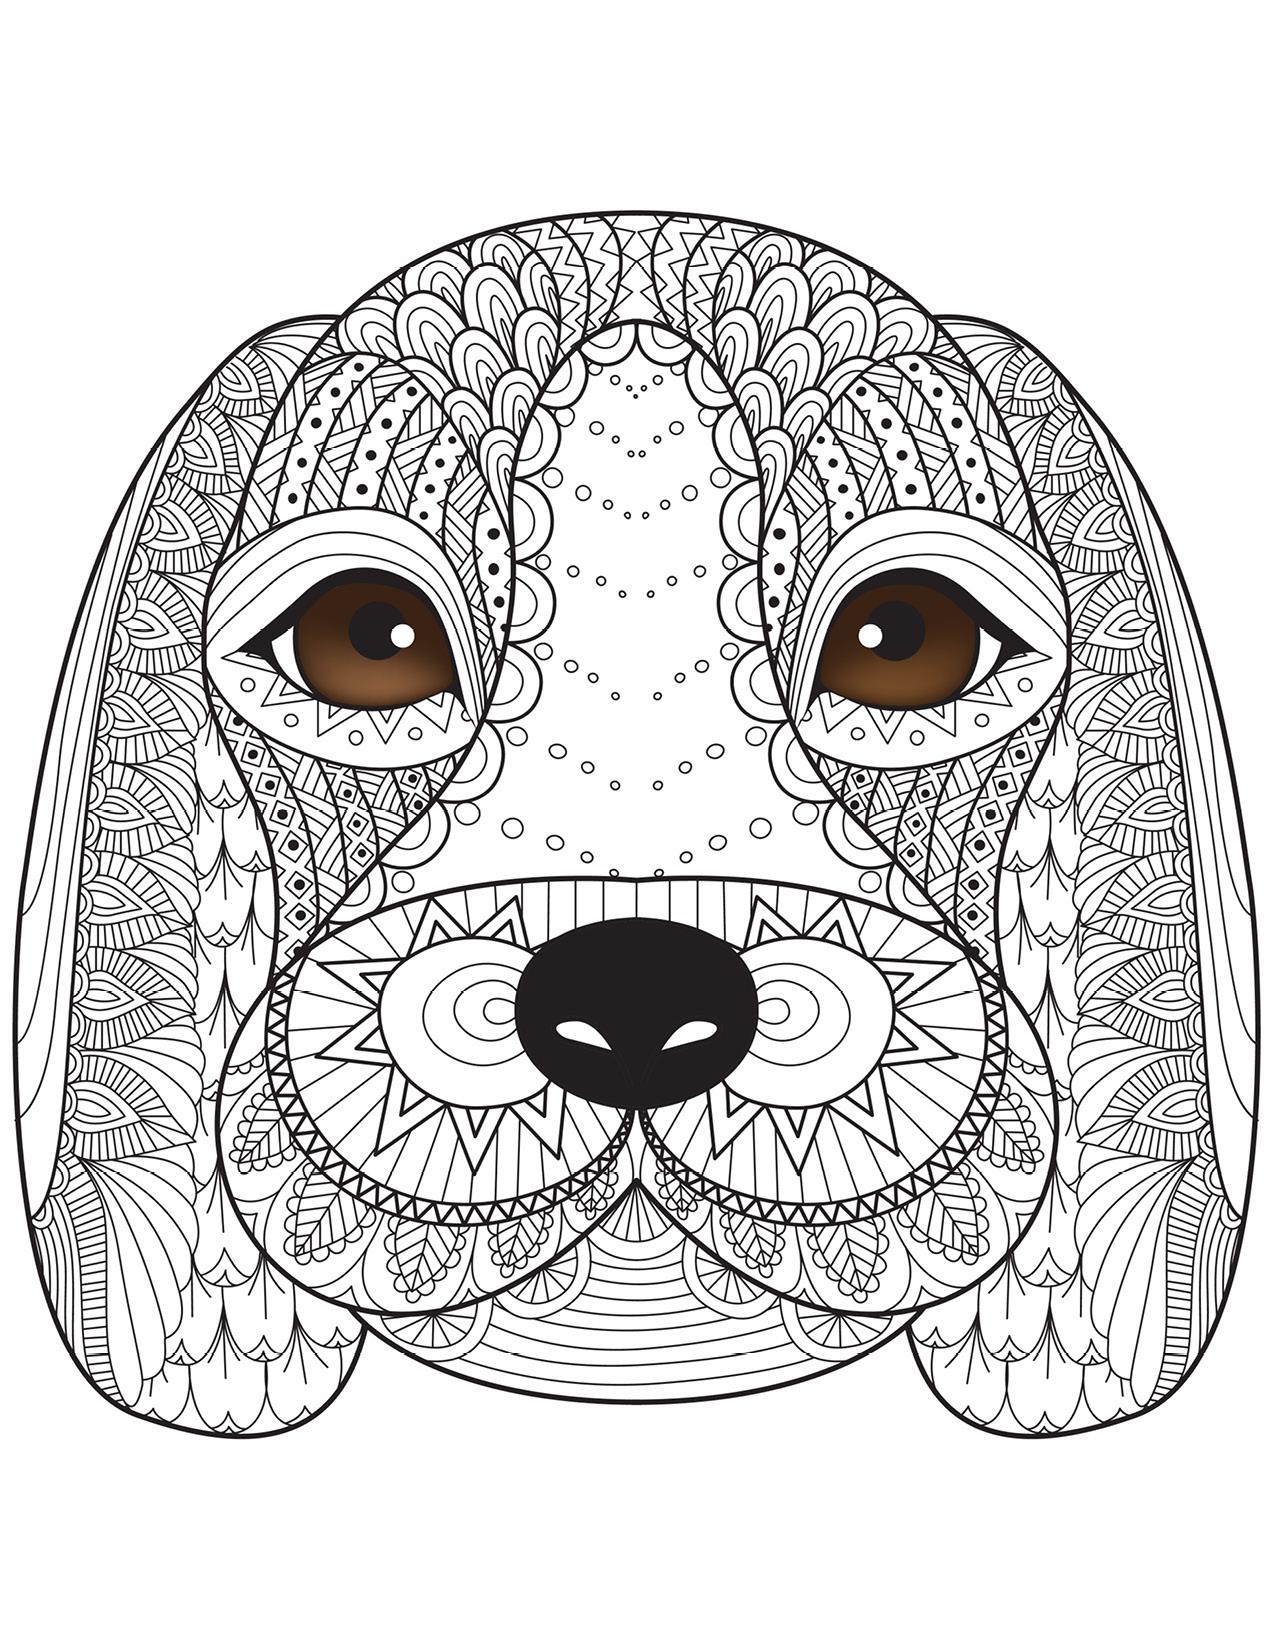 Coloriage de chien par Bimbimkha coloring book pages - Artherapie.ca